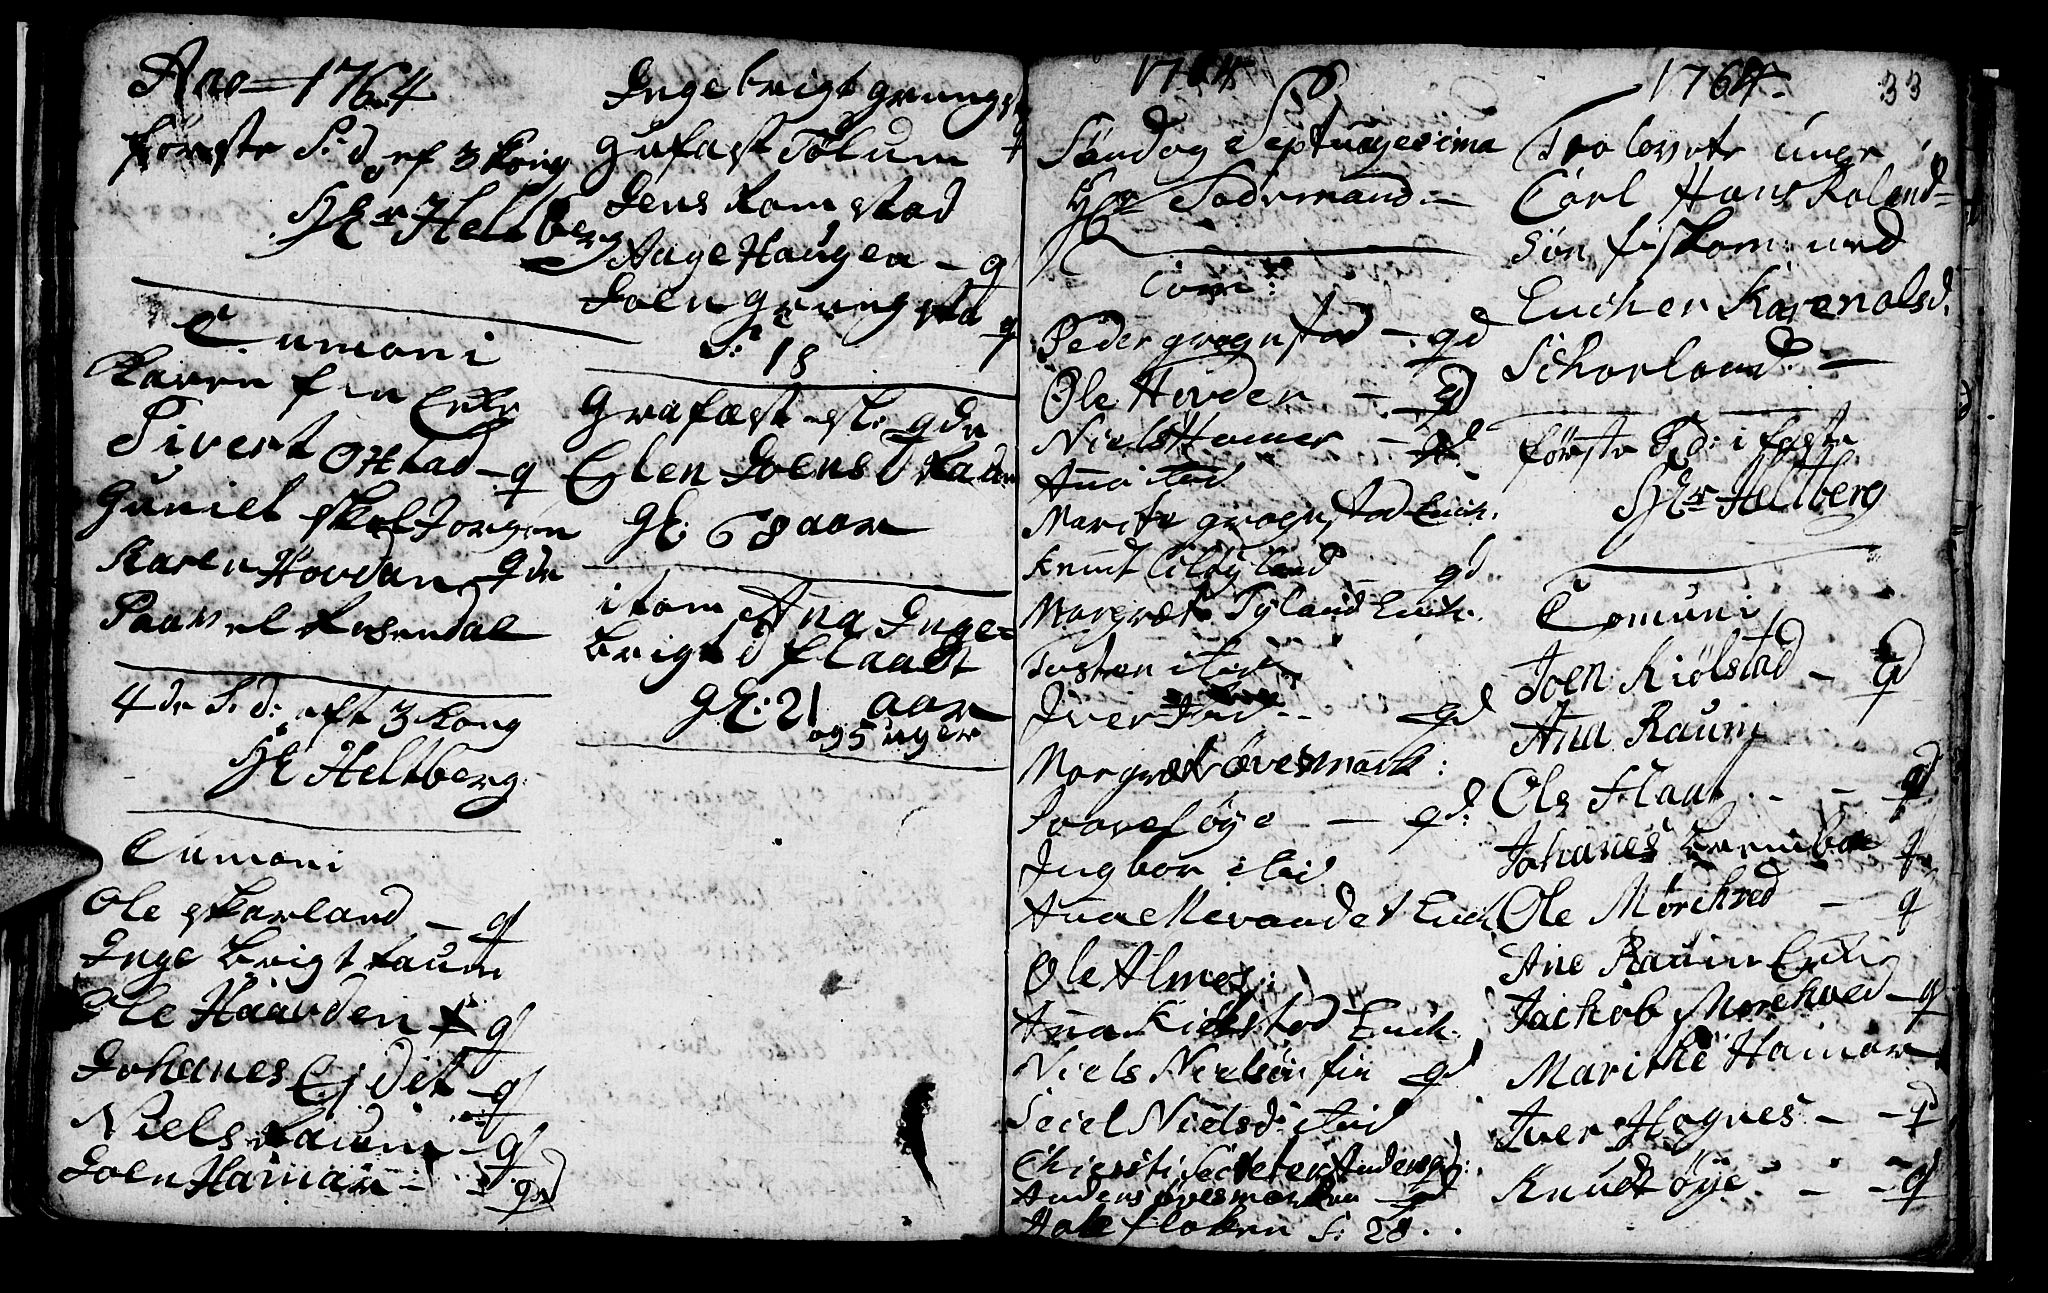 SAT, Ministerialprotokoller, klokkerbøker og fødselsregistre - Nord-Trøndelag, 765/L0561: Ministerialbok nr. 765A02, 1758-1765, s. 33